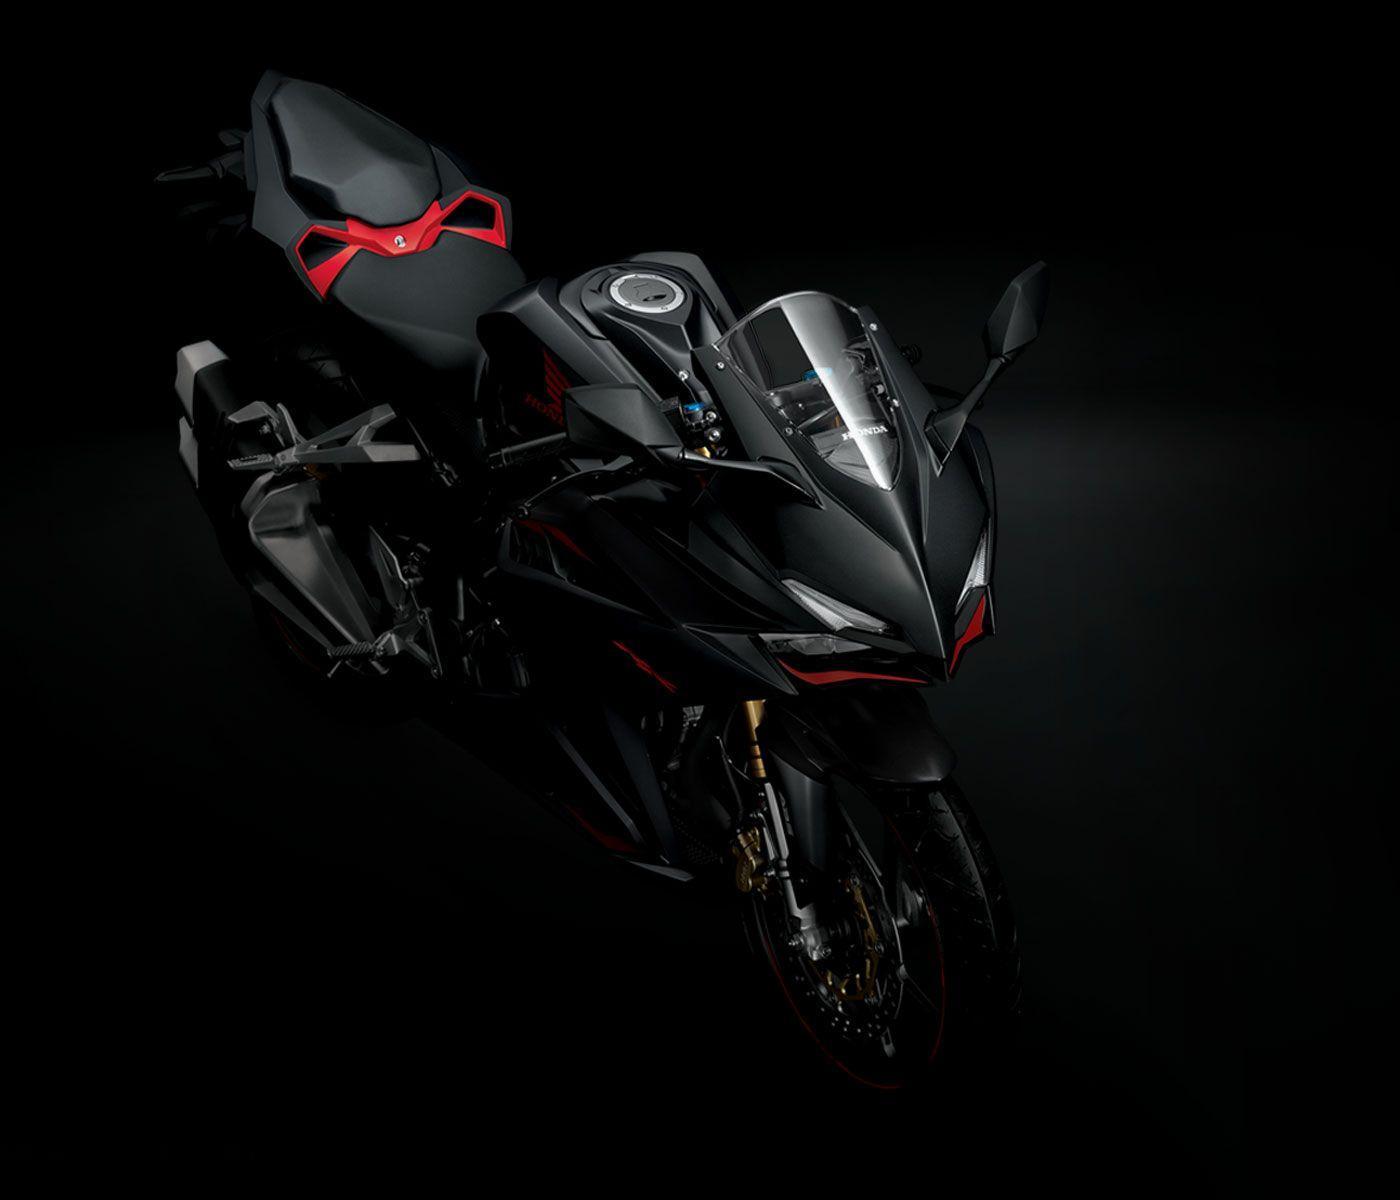 Honda CBR250RR Wallpapers